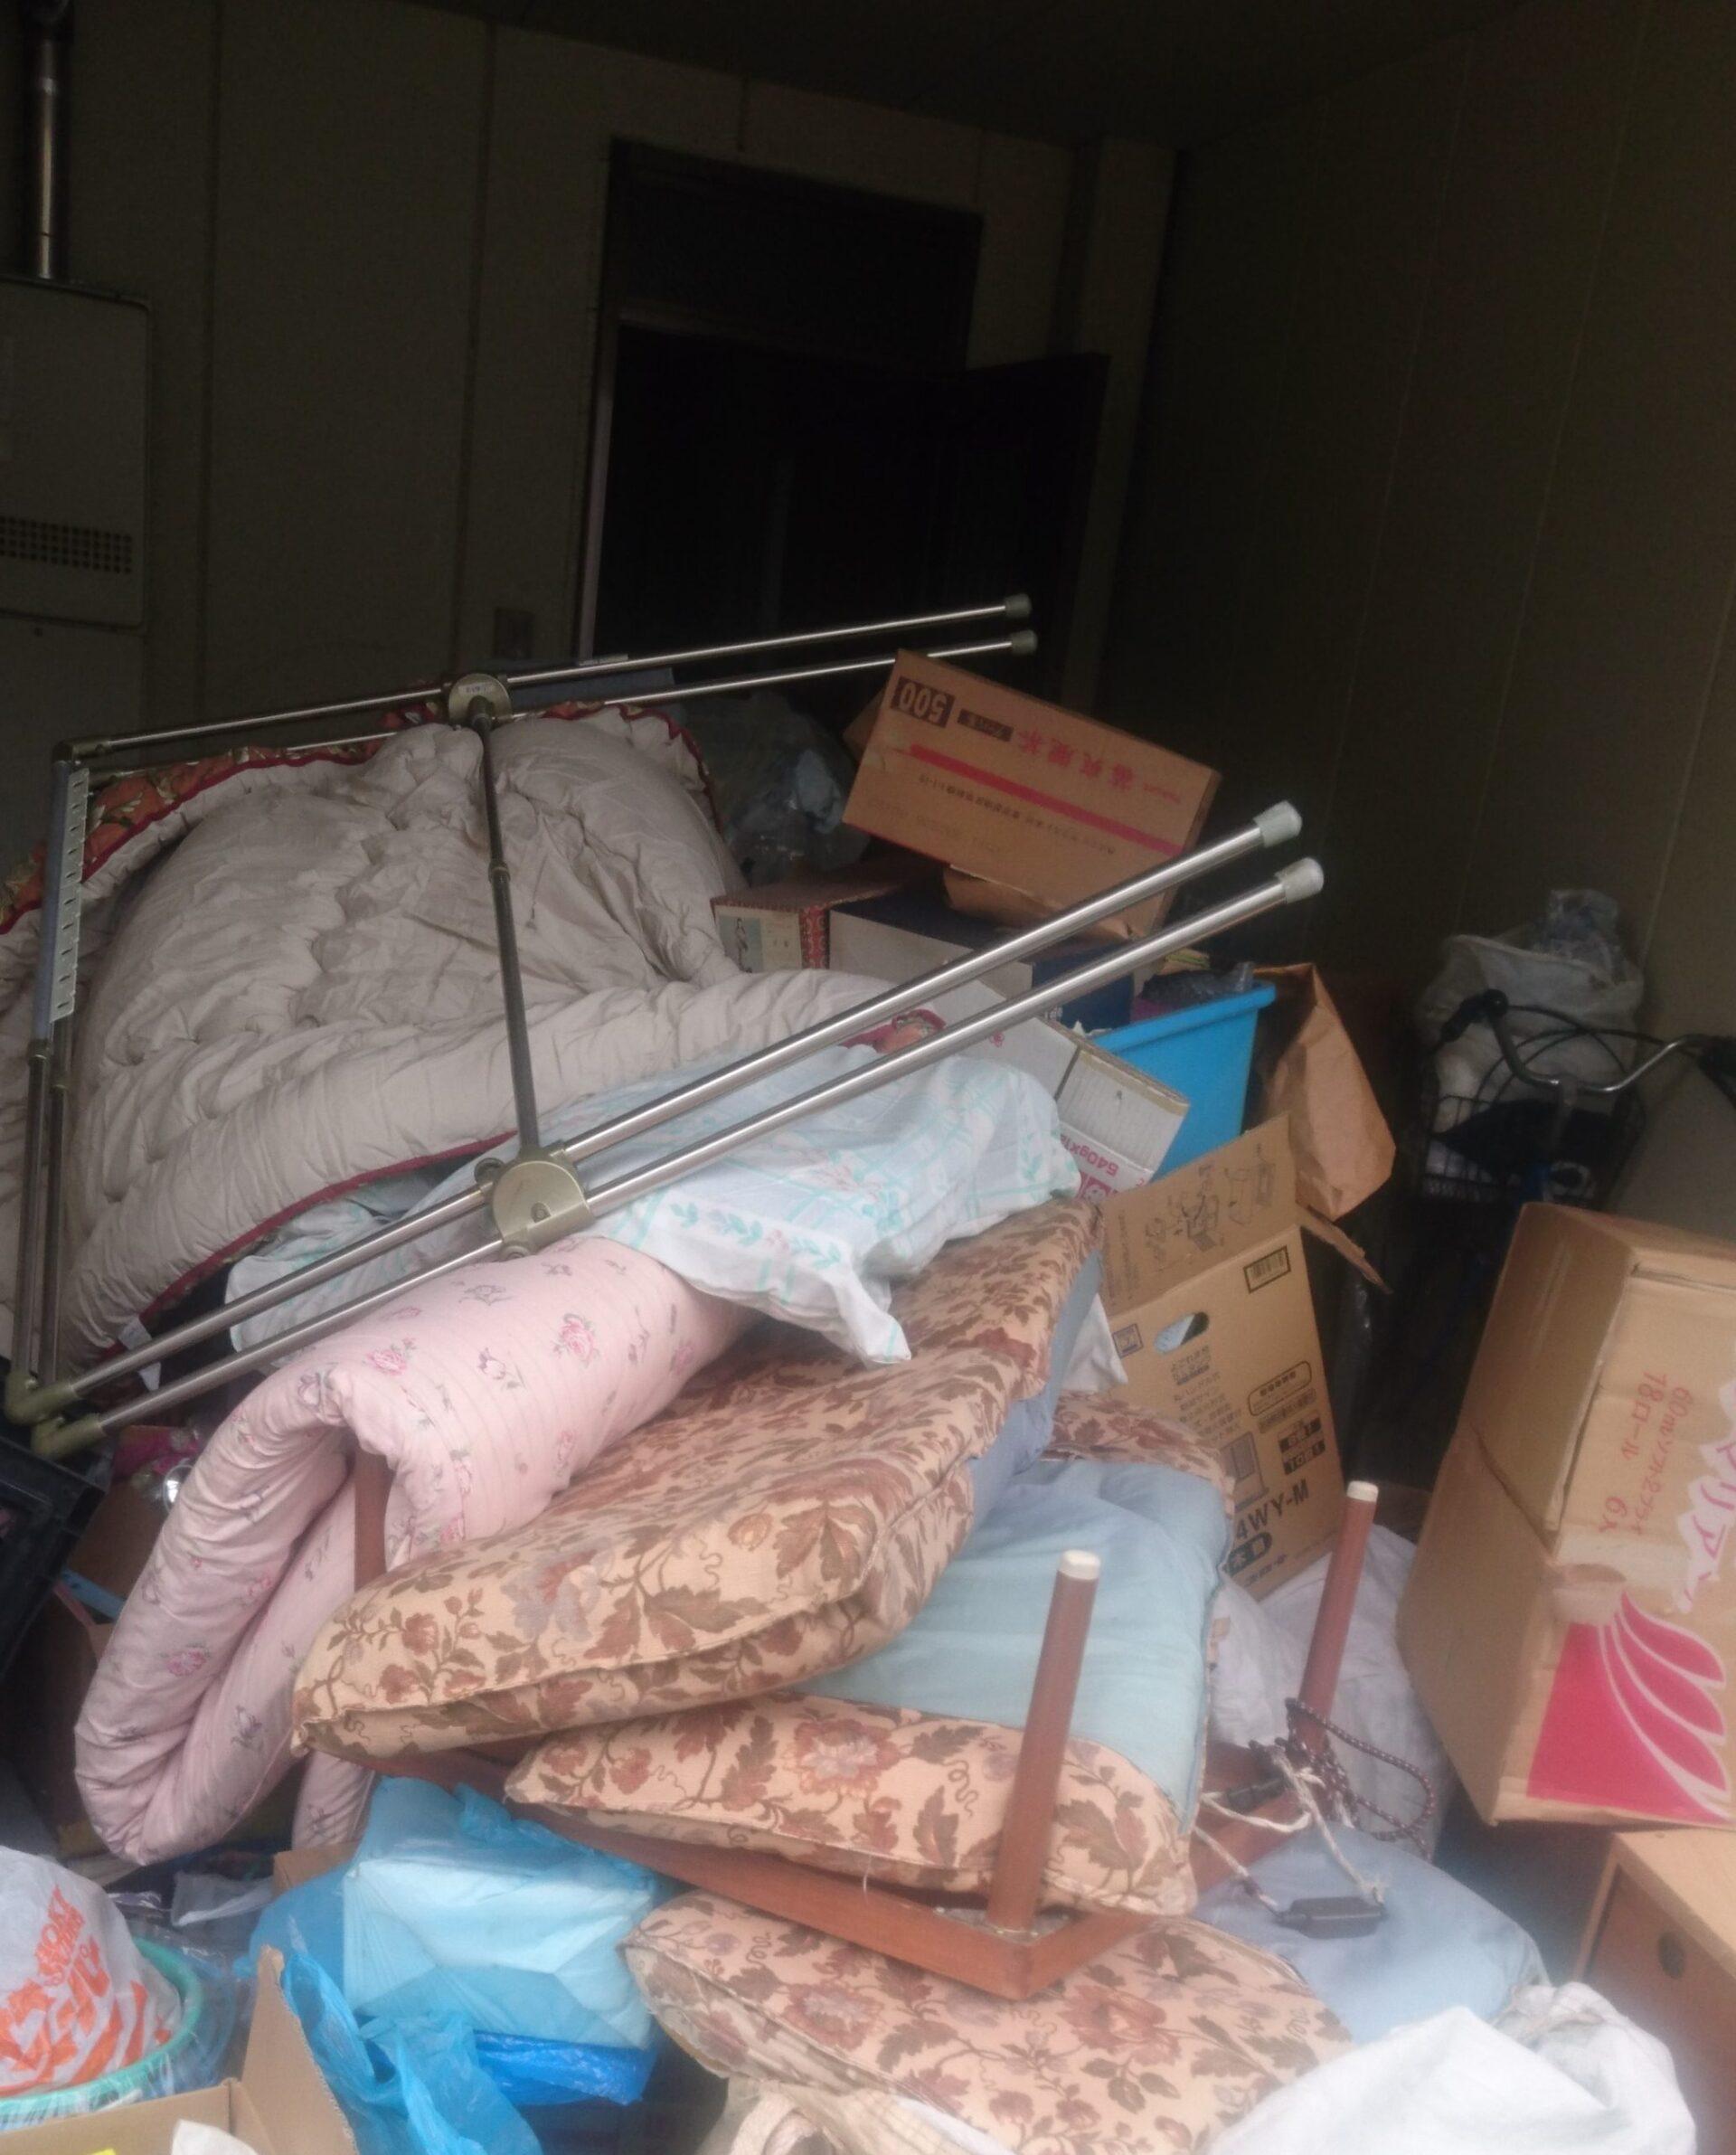 【愛知県名古屋市西区】ご自宅の駐車場で散乱した布団・座イス・生ごみ・袋ごみの処分